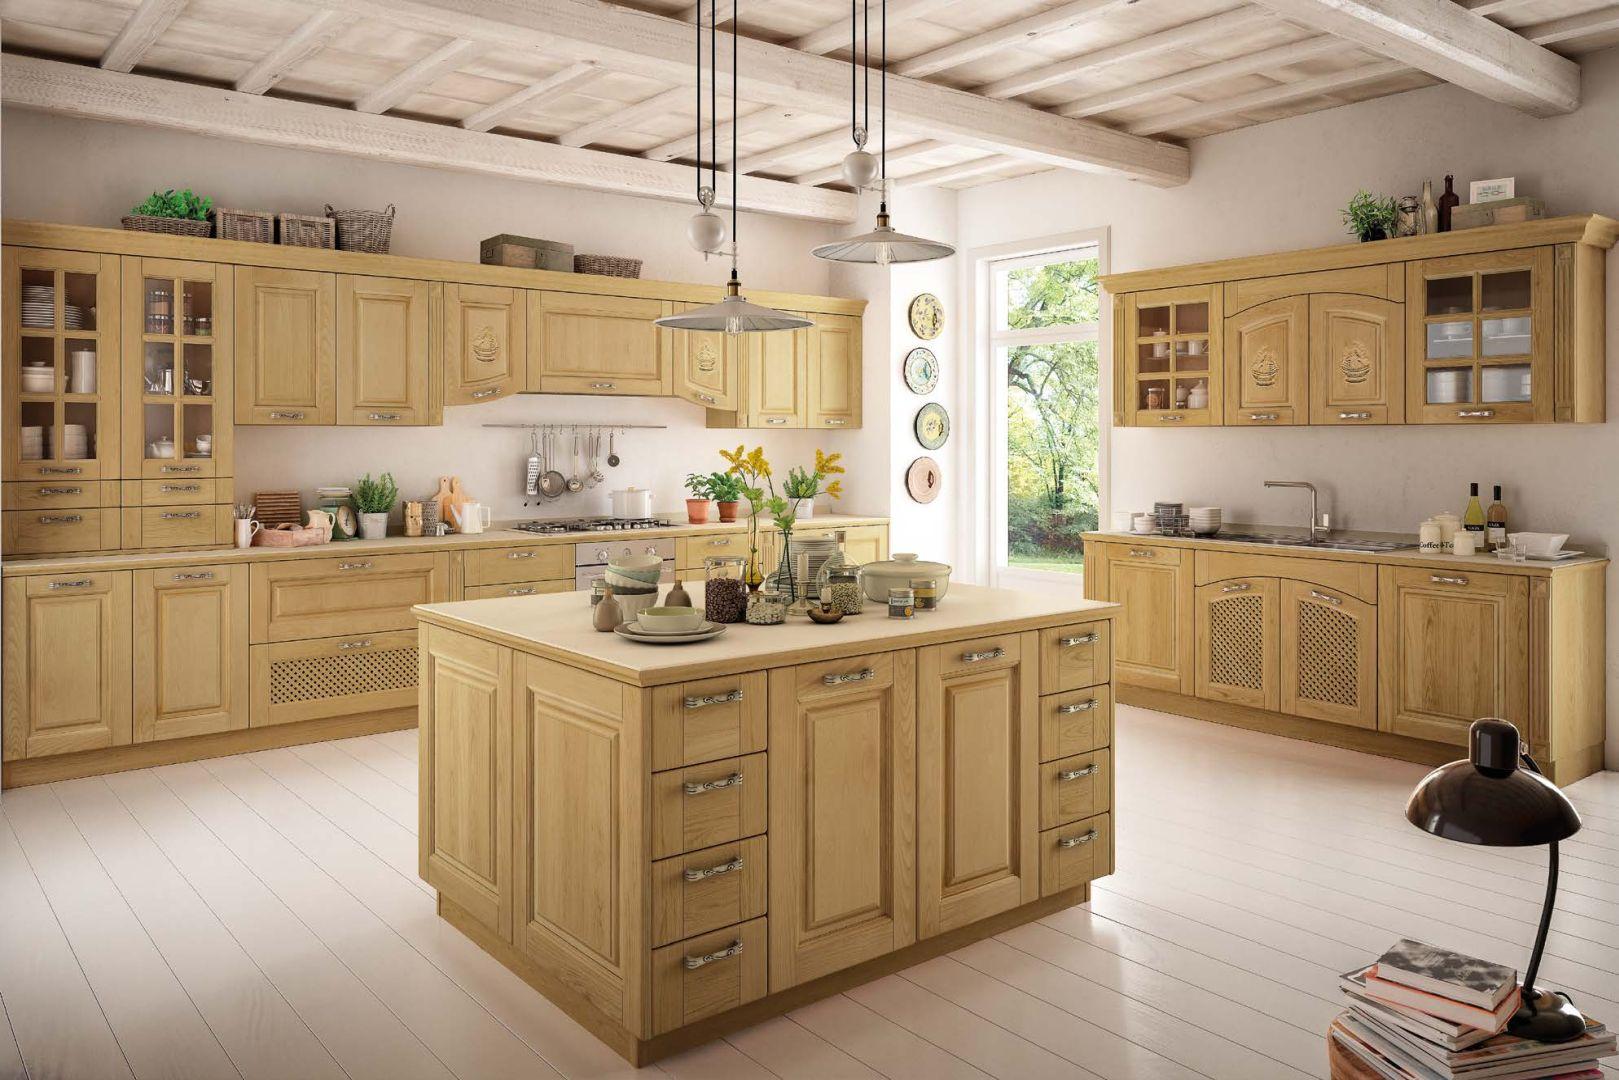 Κουζινα με πατινα SOFIA μασίφ κουζίνα φυσικό δρυς